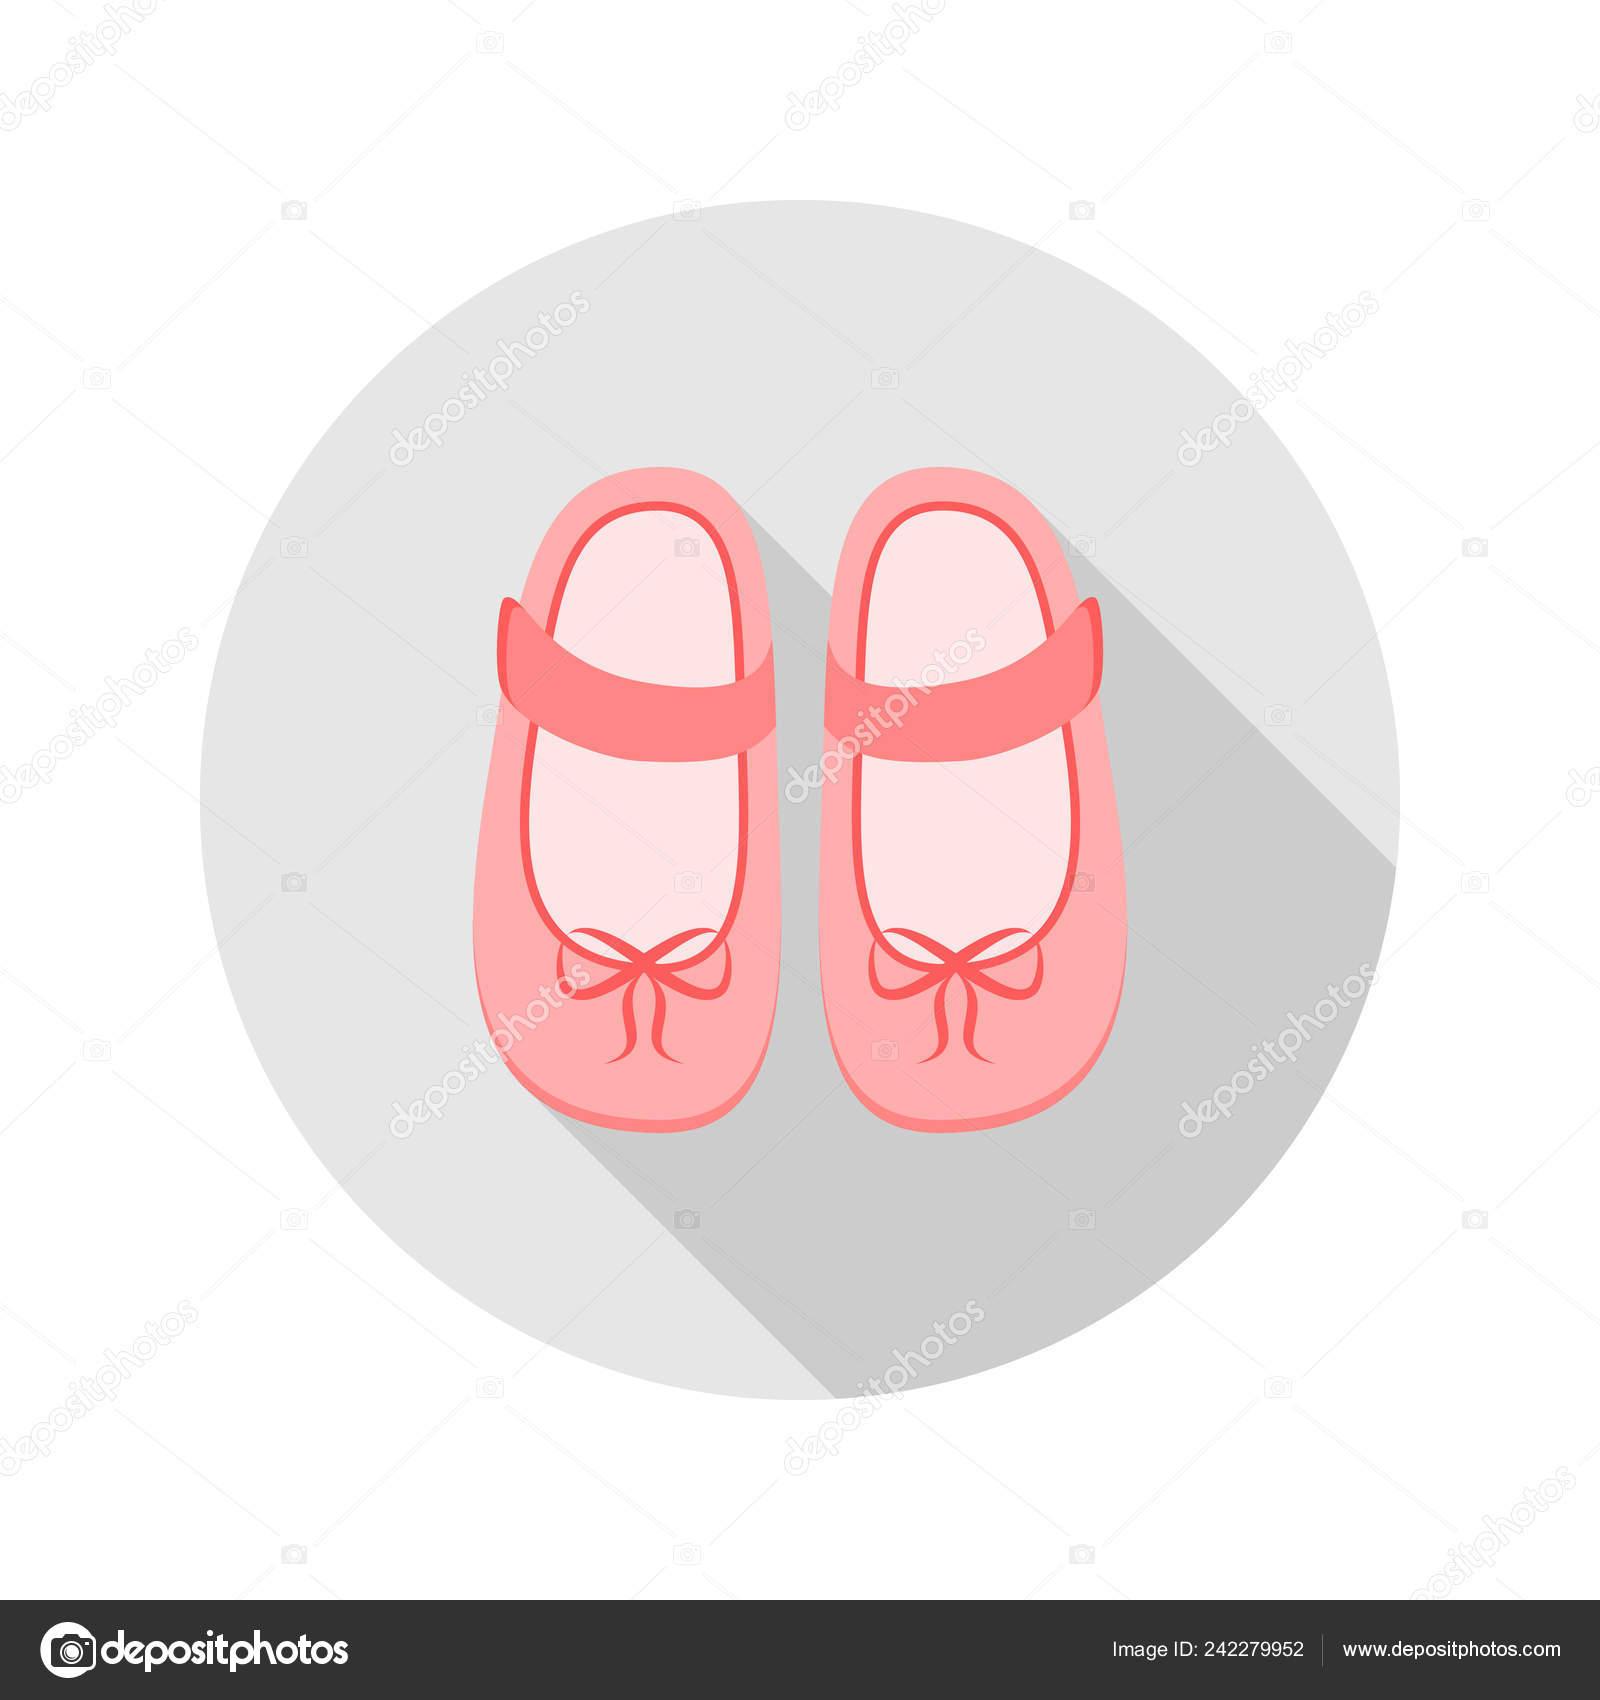 Baby Shoes Icon Web Mobile Application Vector Illustration Button Long Stock Vector C Elen88 242279952